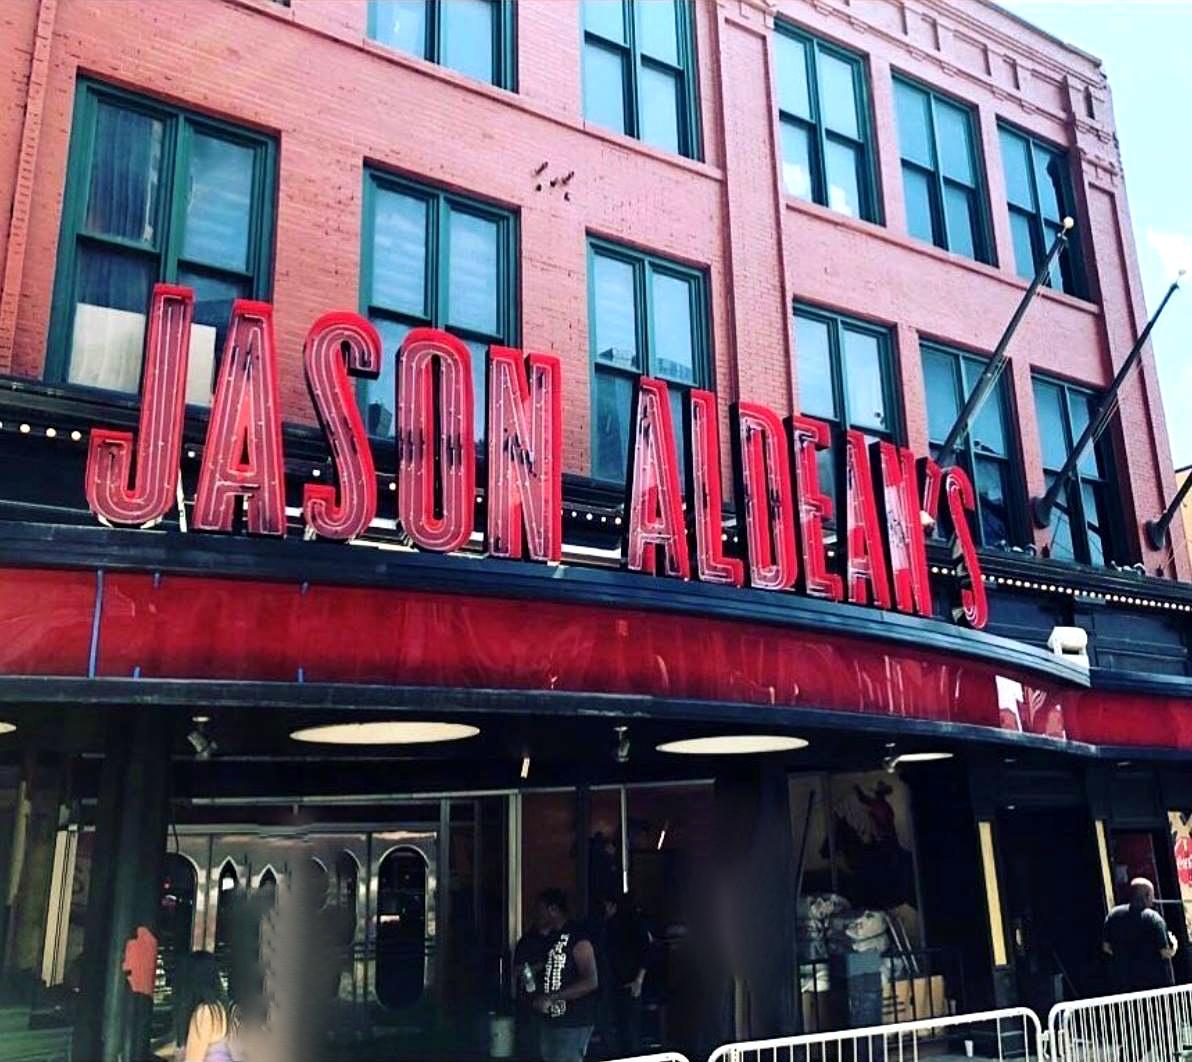 Jason Aldean's front entrance sign